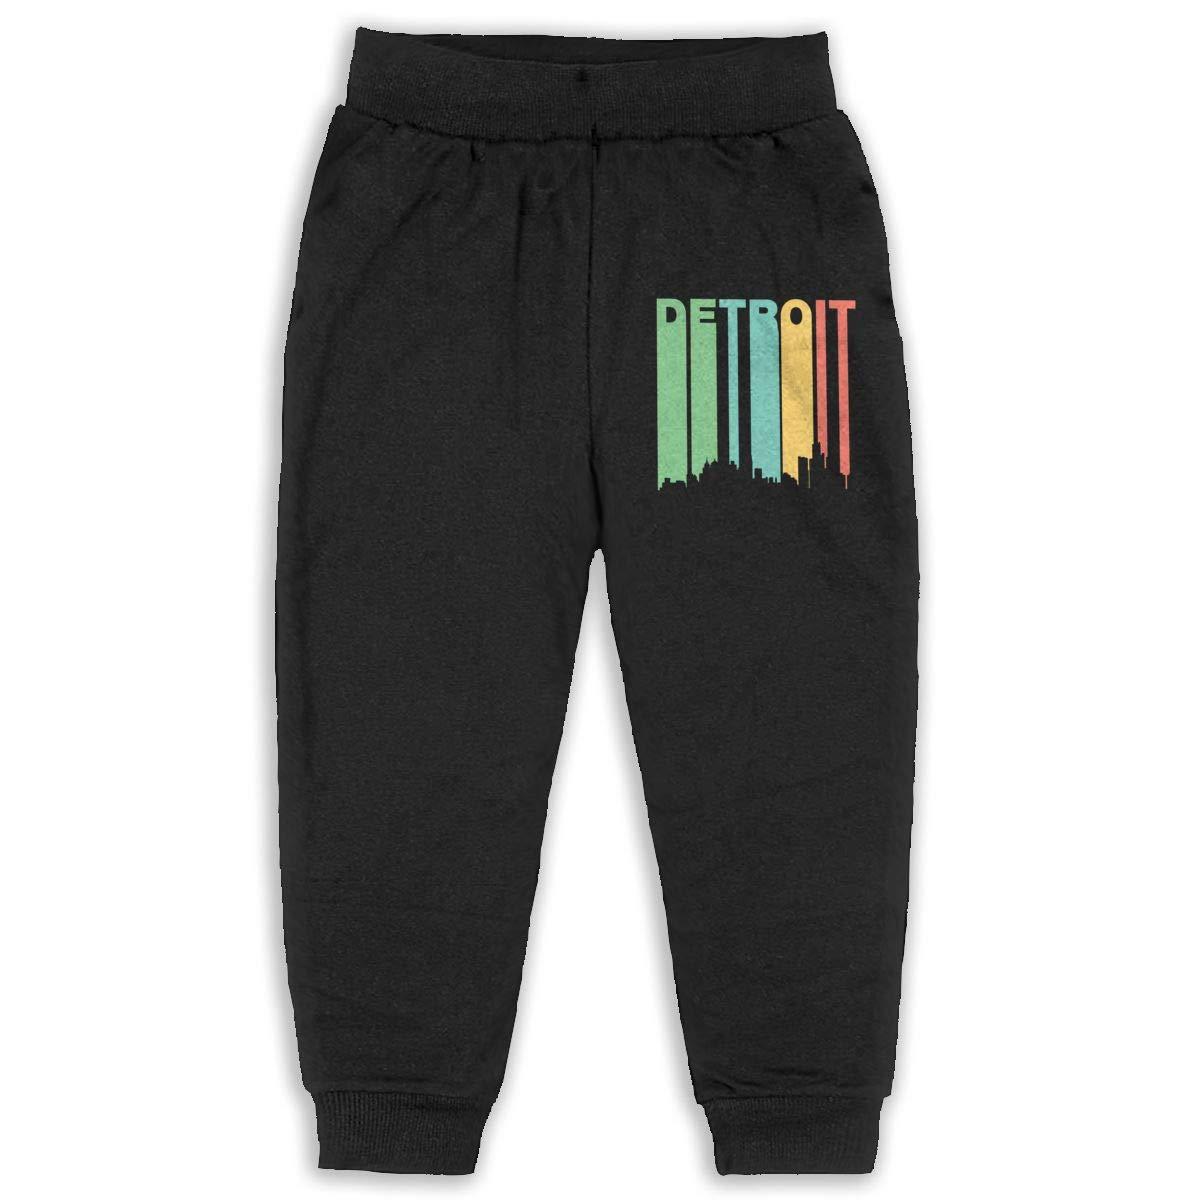 Vintage Detroit 2-6T Boys Active Jogger Soft Pant